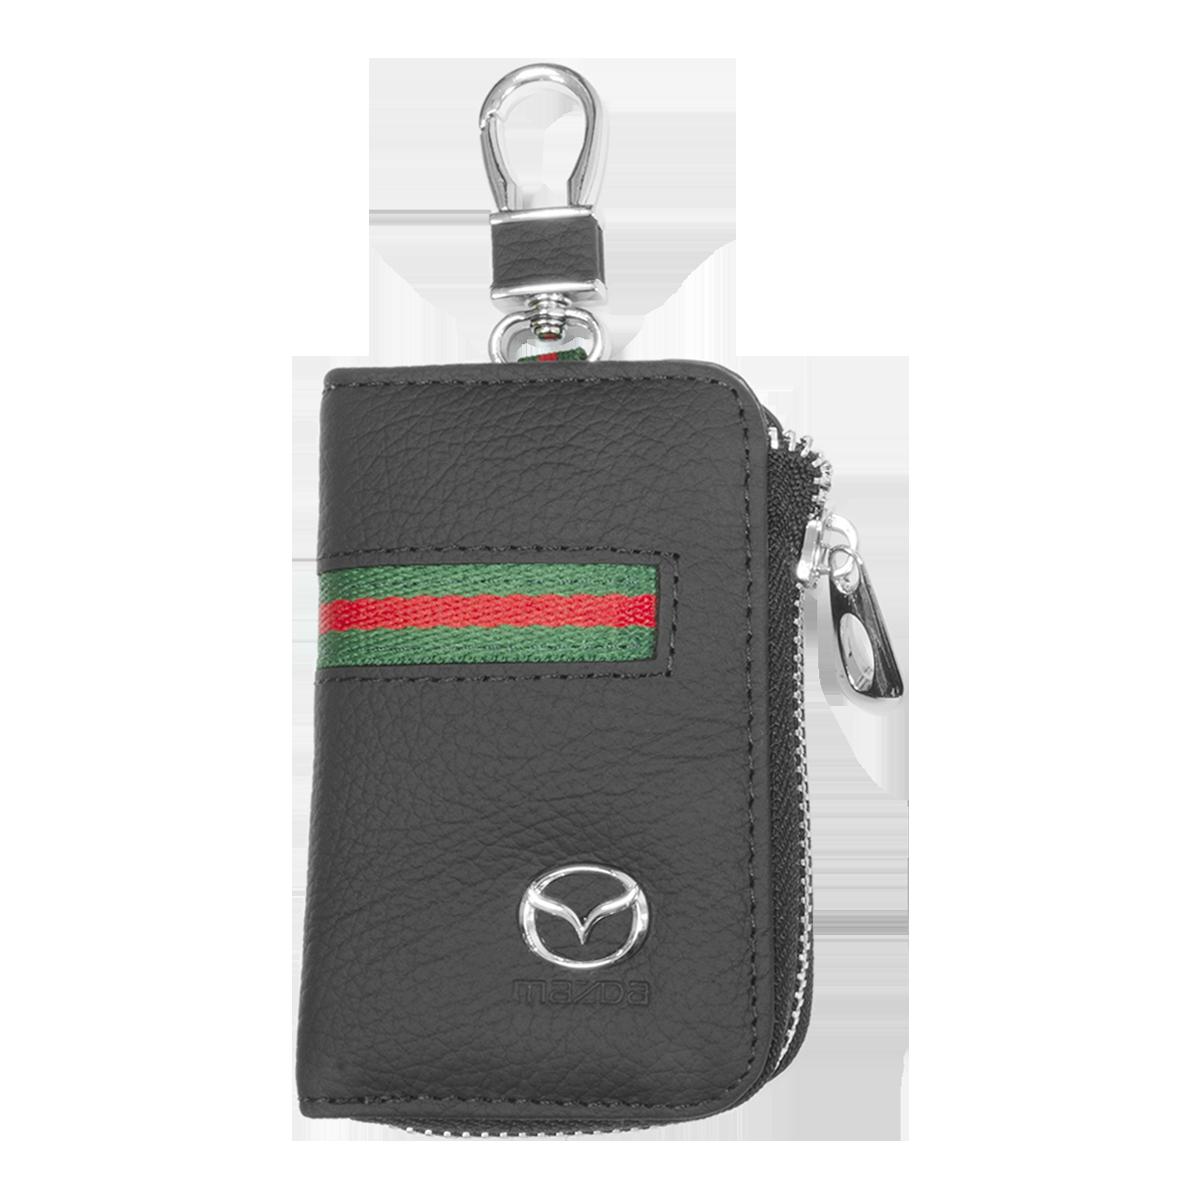 Ключница Carss с логотипом MAZDA 16012 многофункциональная черная